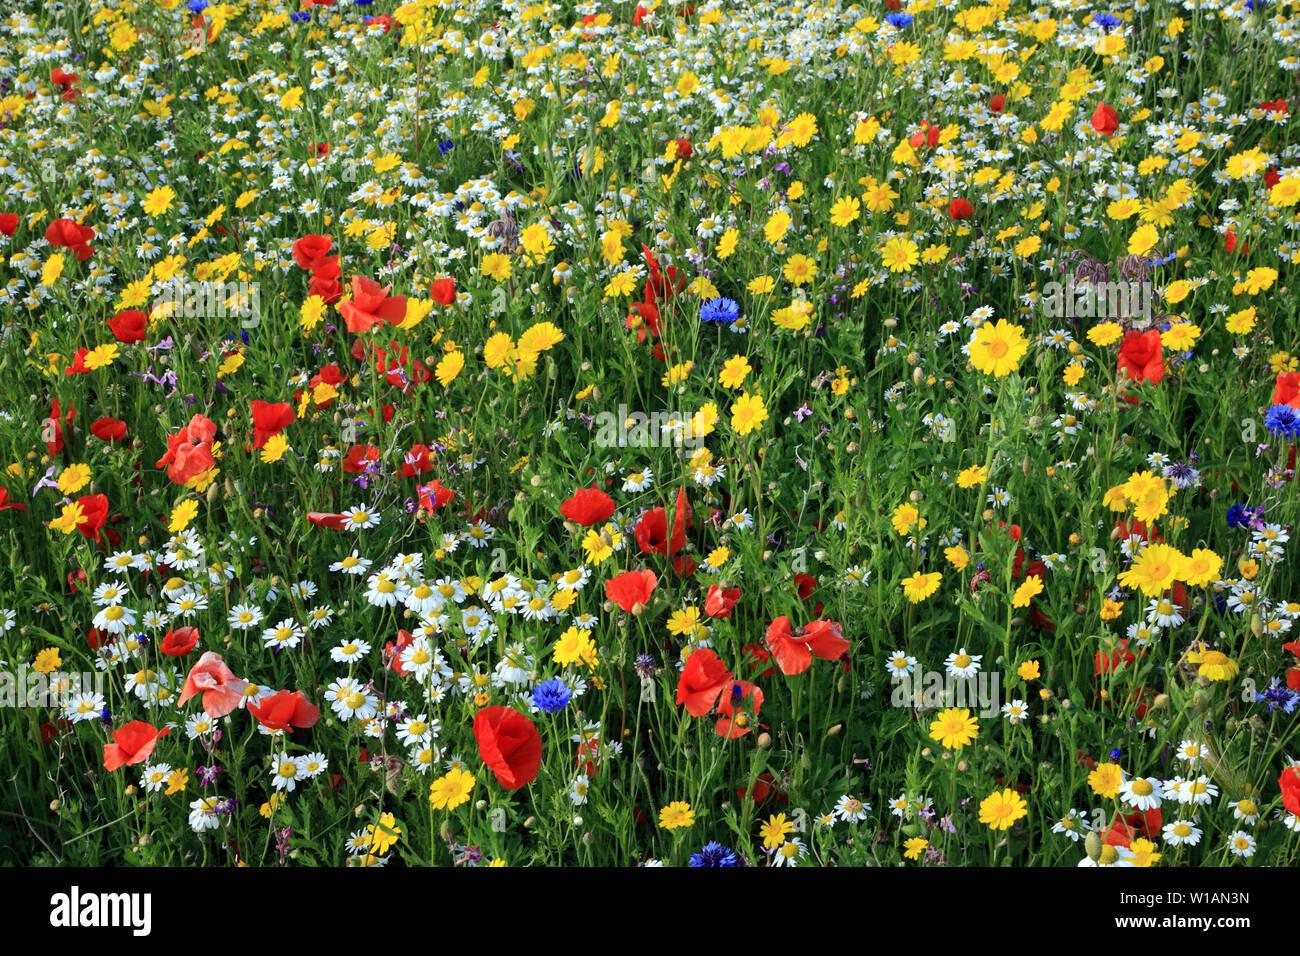 Wild Flower Garden, fiori selvatici, papavero, Daisy, fiordaliso Foto Stock